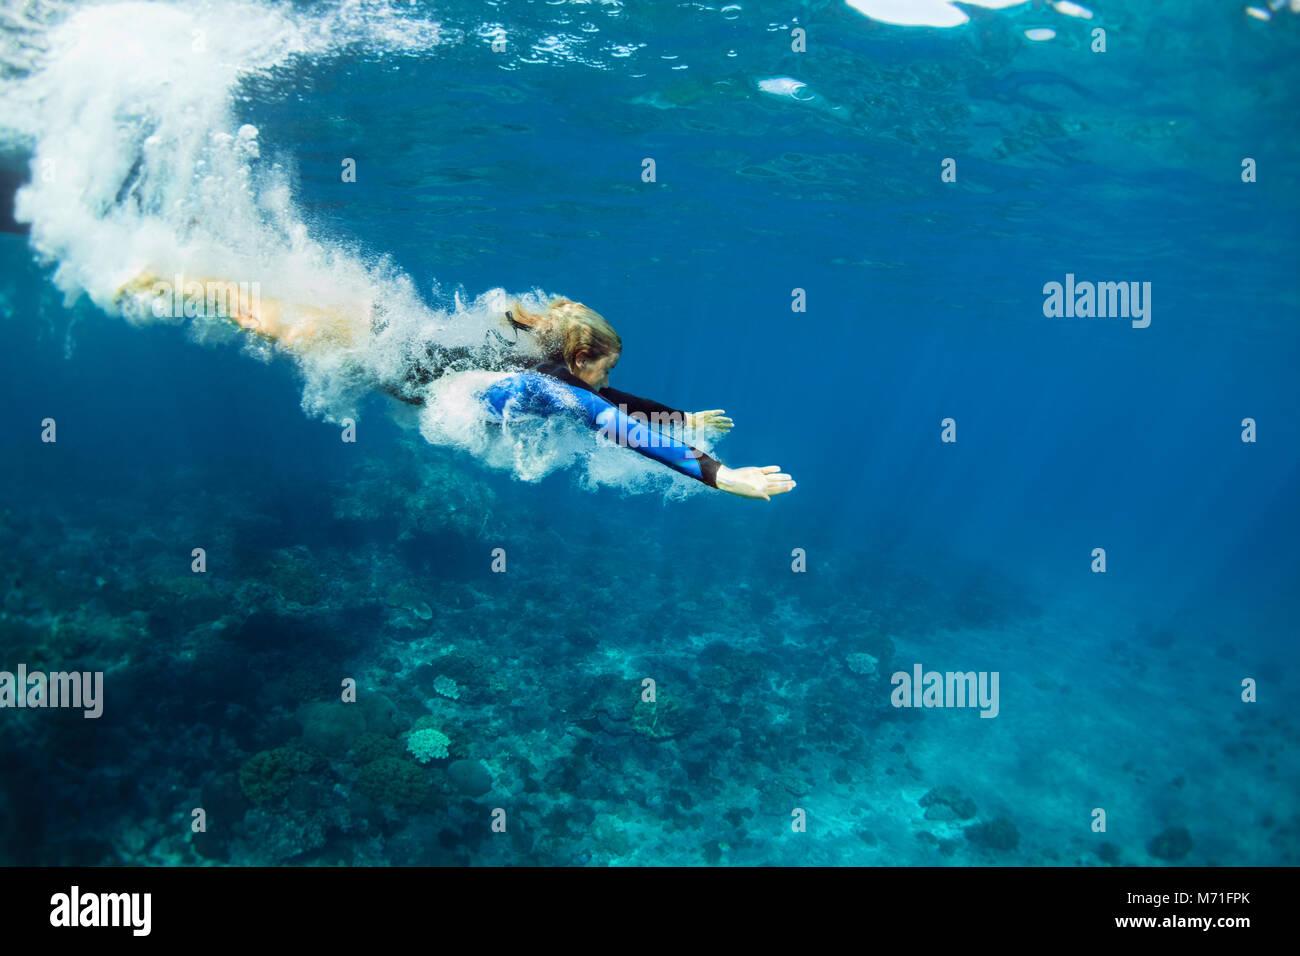 Happy Family - aktive Teenager Springen und Tauchen Unterwasser in tropischen Korallenriff Pool. Reisen, Wassersport, Stockbild